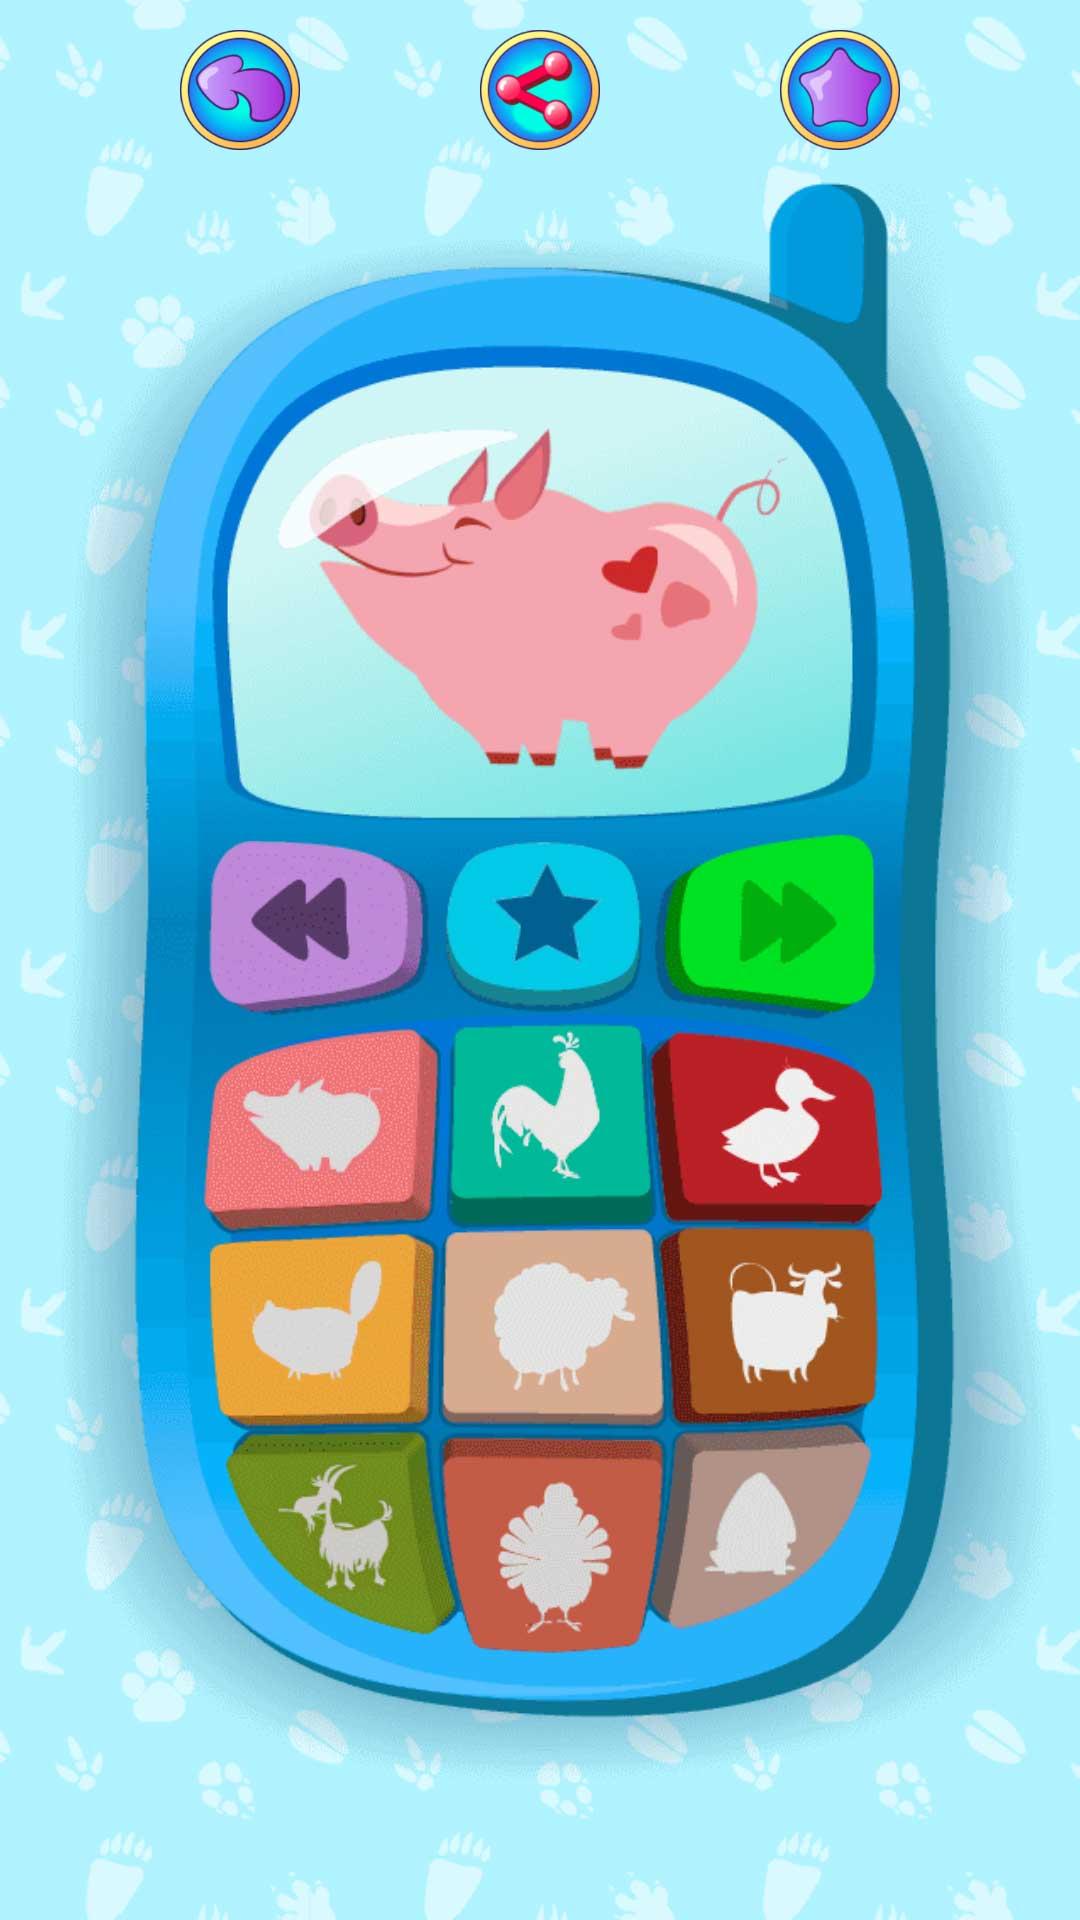 儿童教育手机游戏